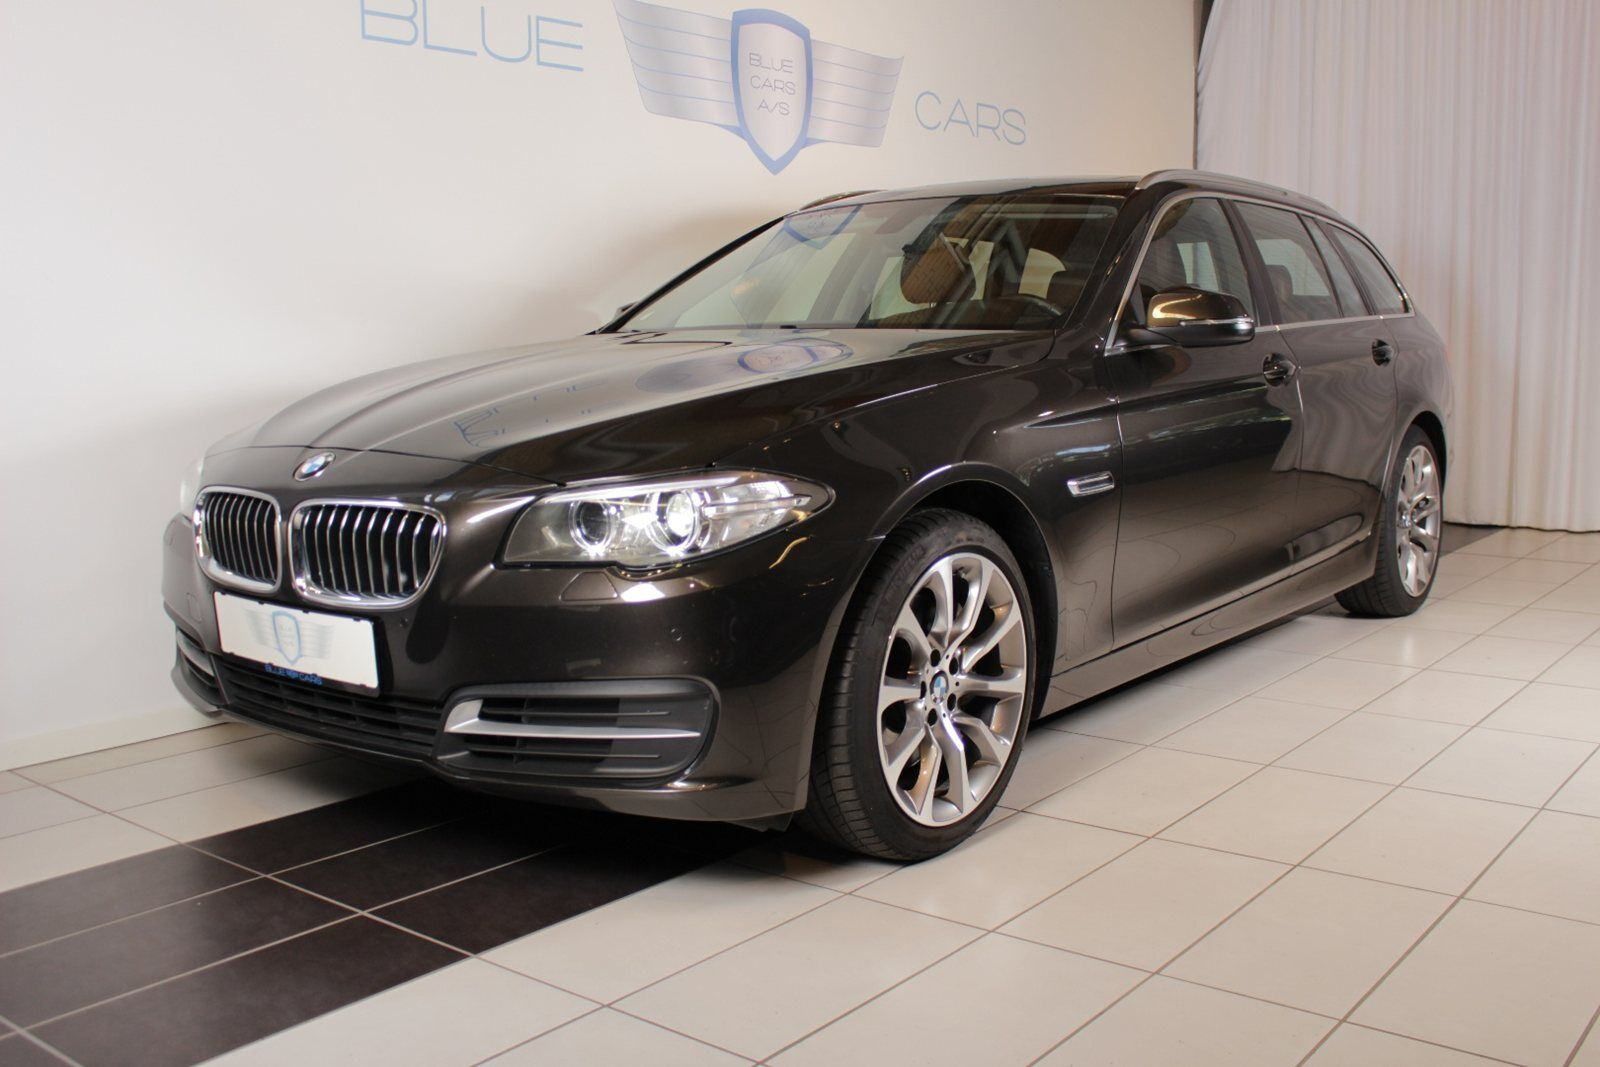 BMW 530d 3,0 Touring aut. 5d - 530.000 kr.